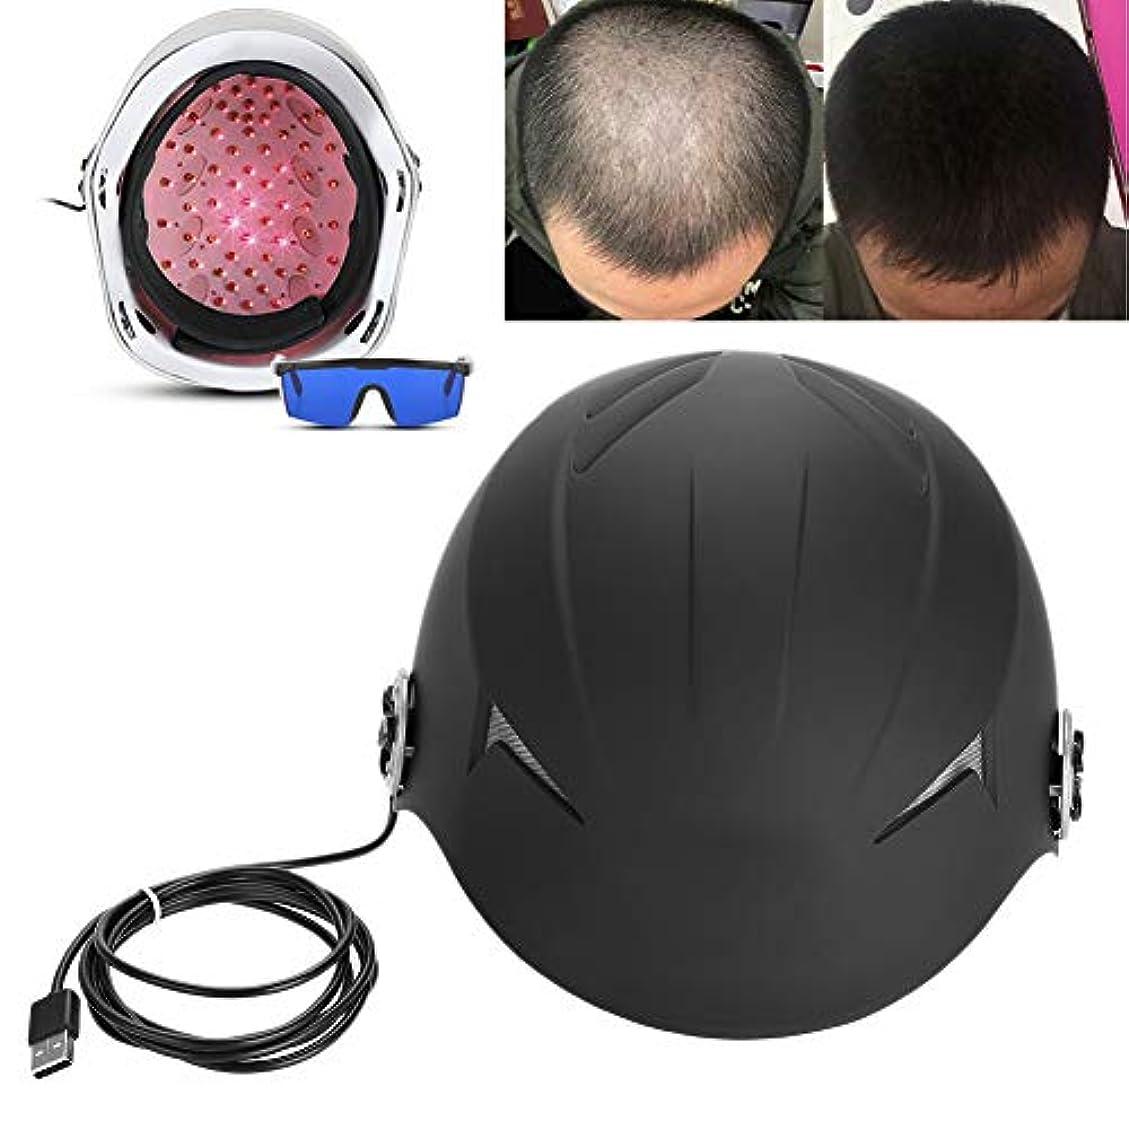 節約ブルーベルハーフヘアーレーザー育毛ヘルメット 68ダイオード育毛ヘルメット、速い成長治療のための赤外線育毛帽子そして抜け毛の問題を解決